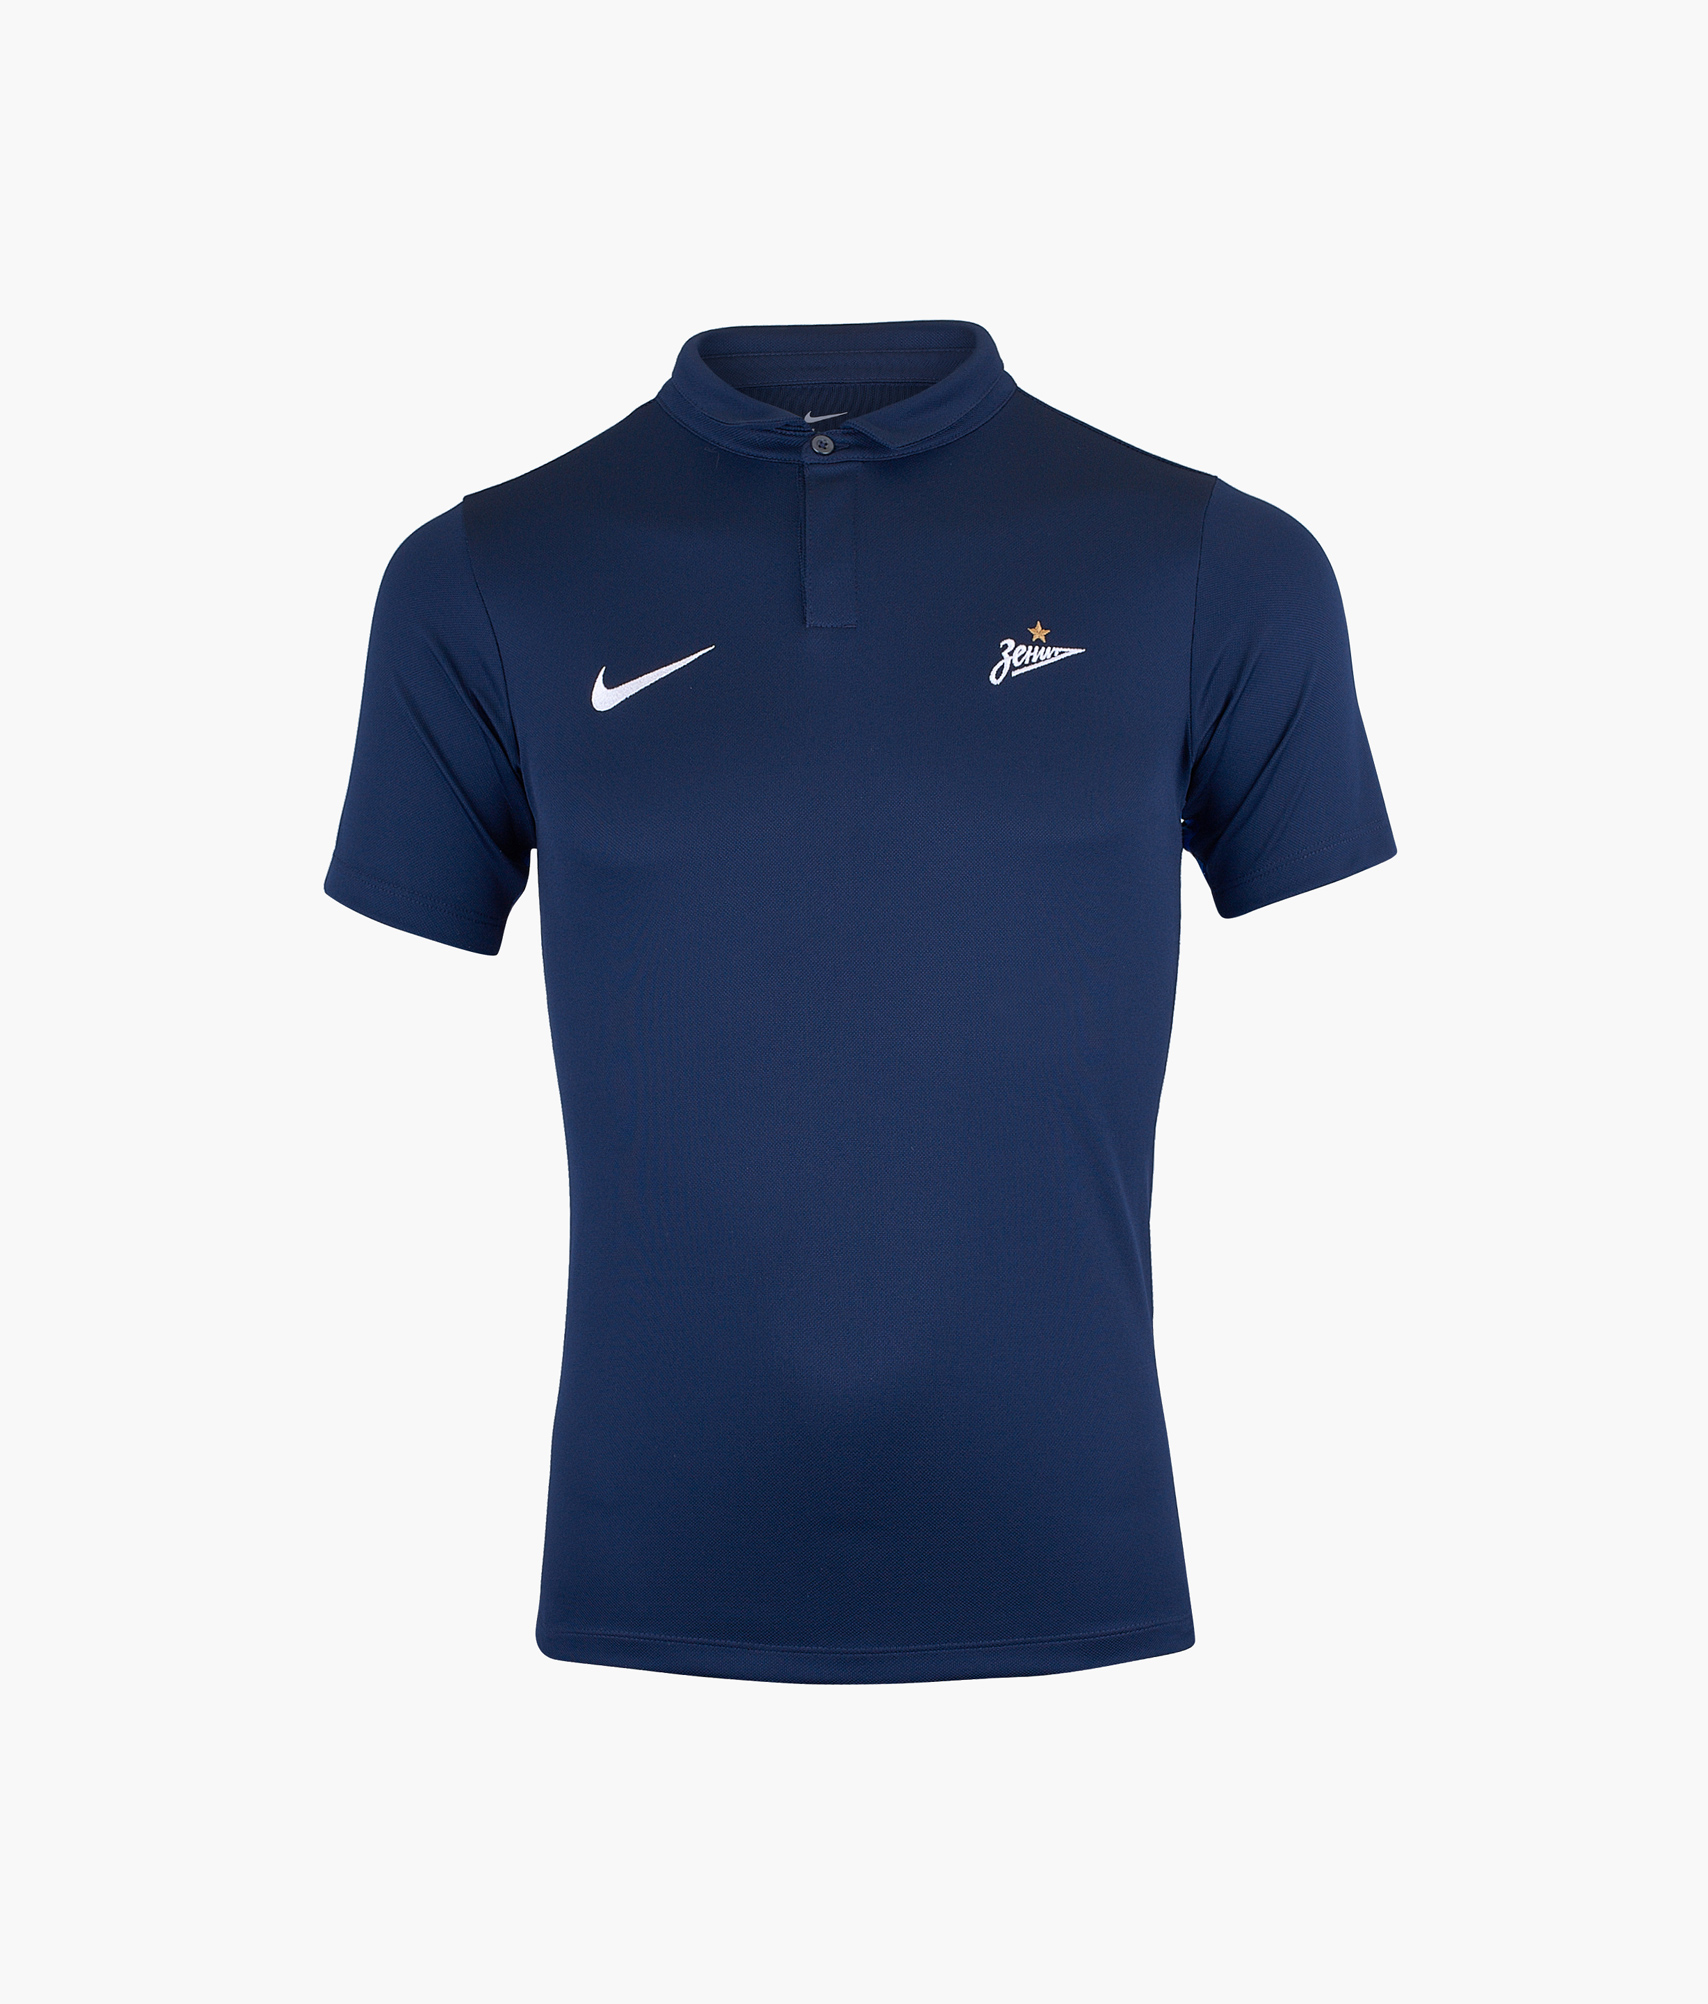 Поло подростковое Nike Nike Цвет-Темно-Синий цена 2017